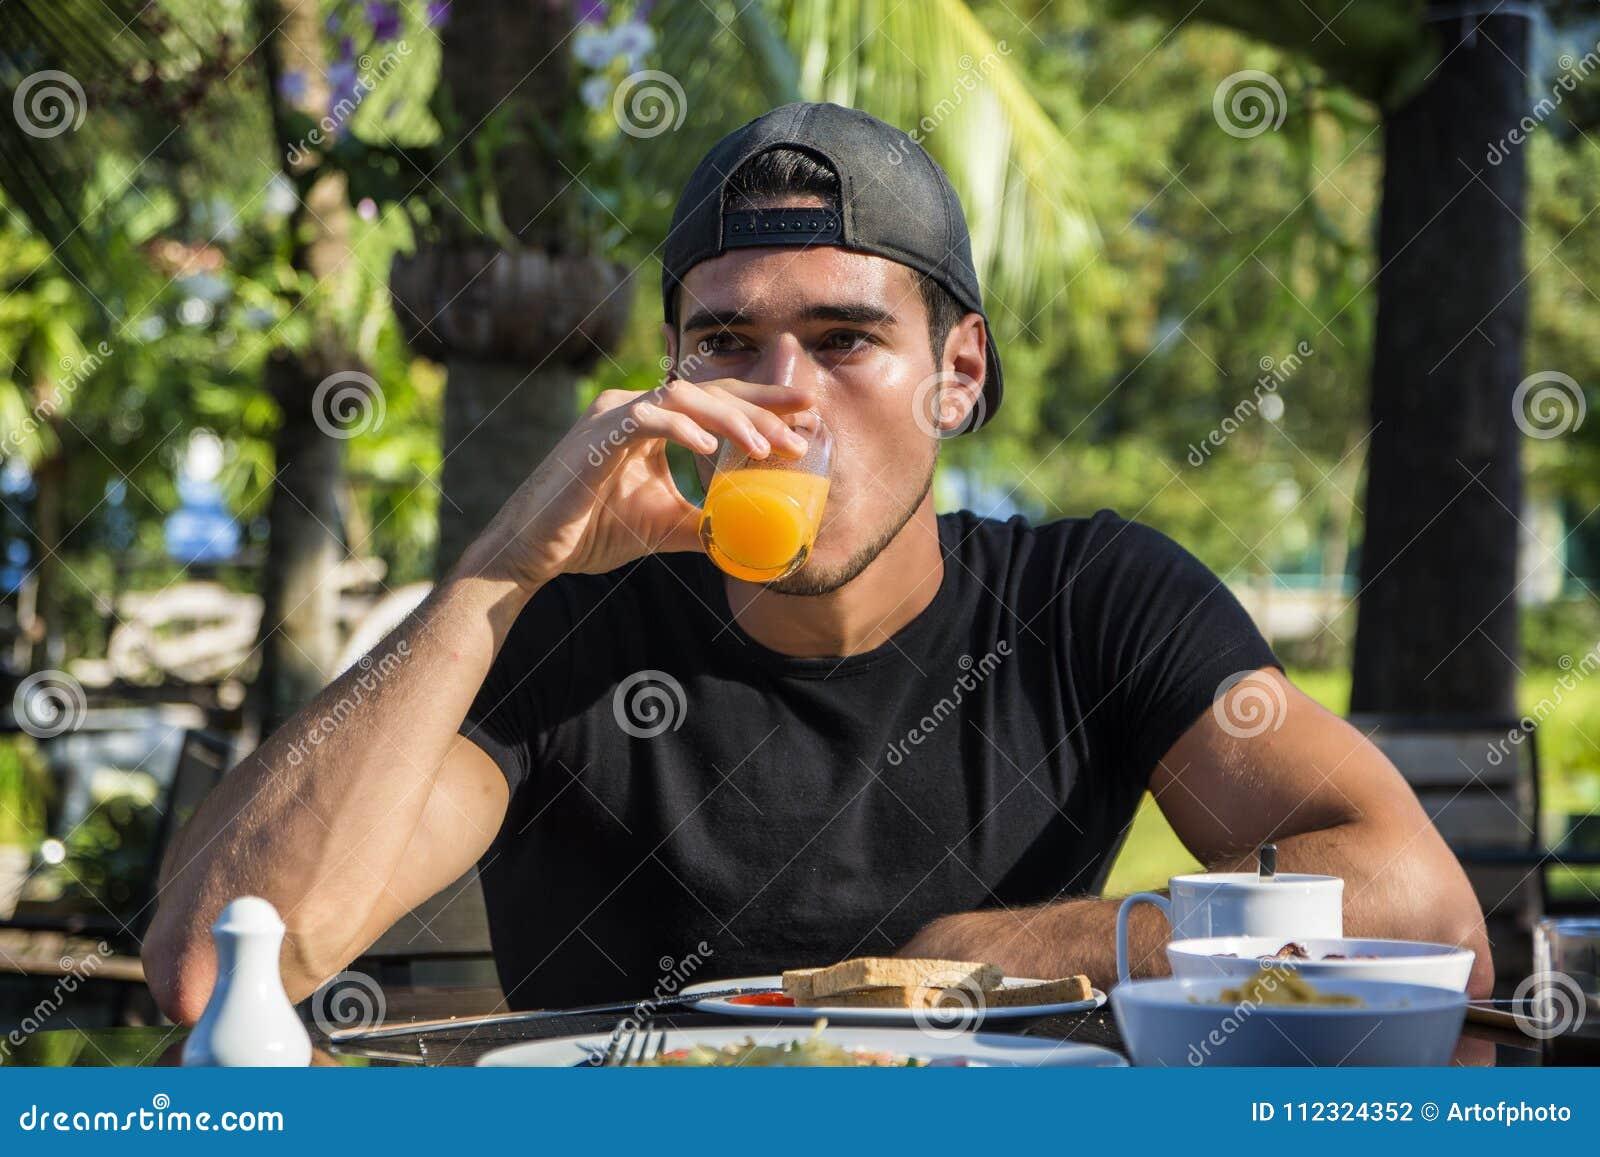 Attraktives junges Fleisch fressendes Frühstück